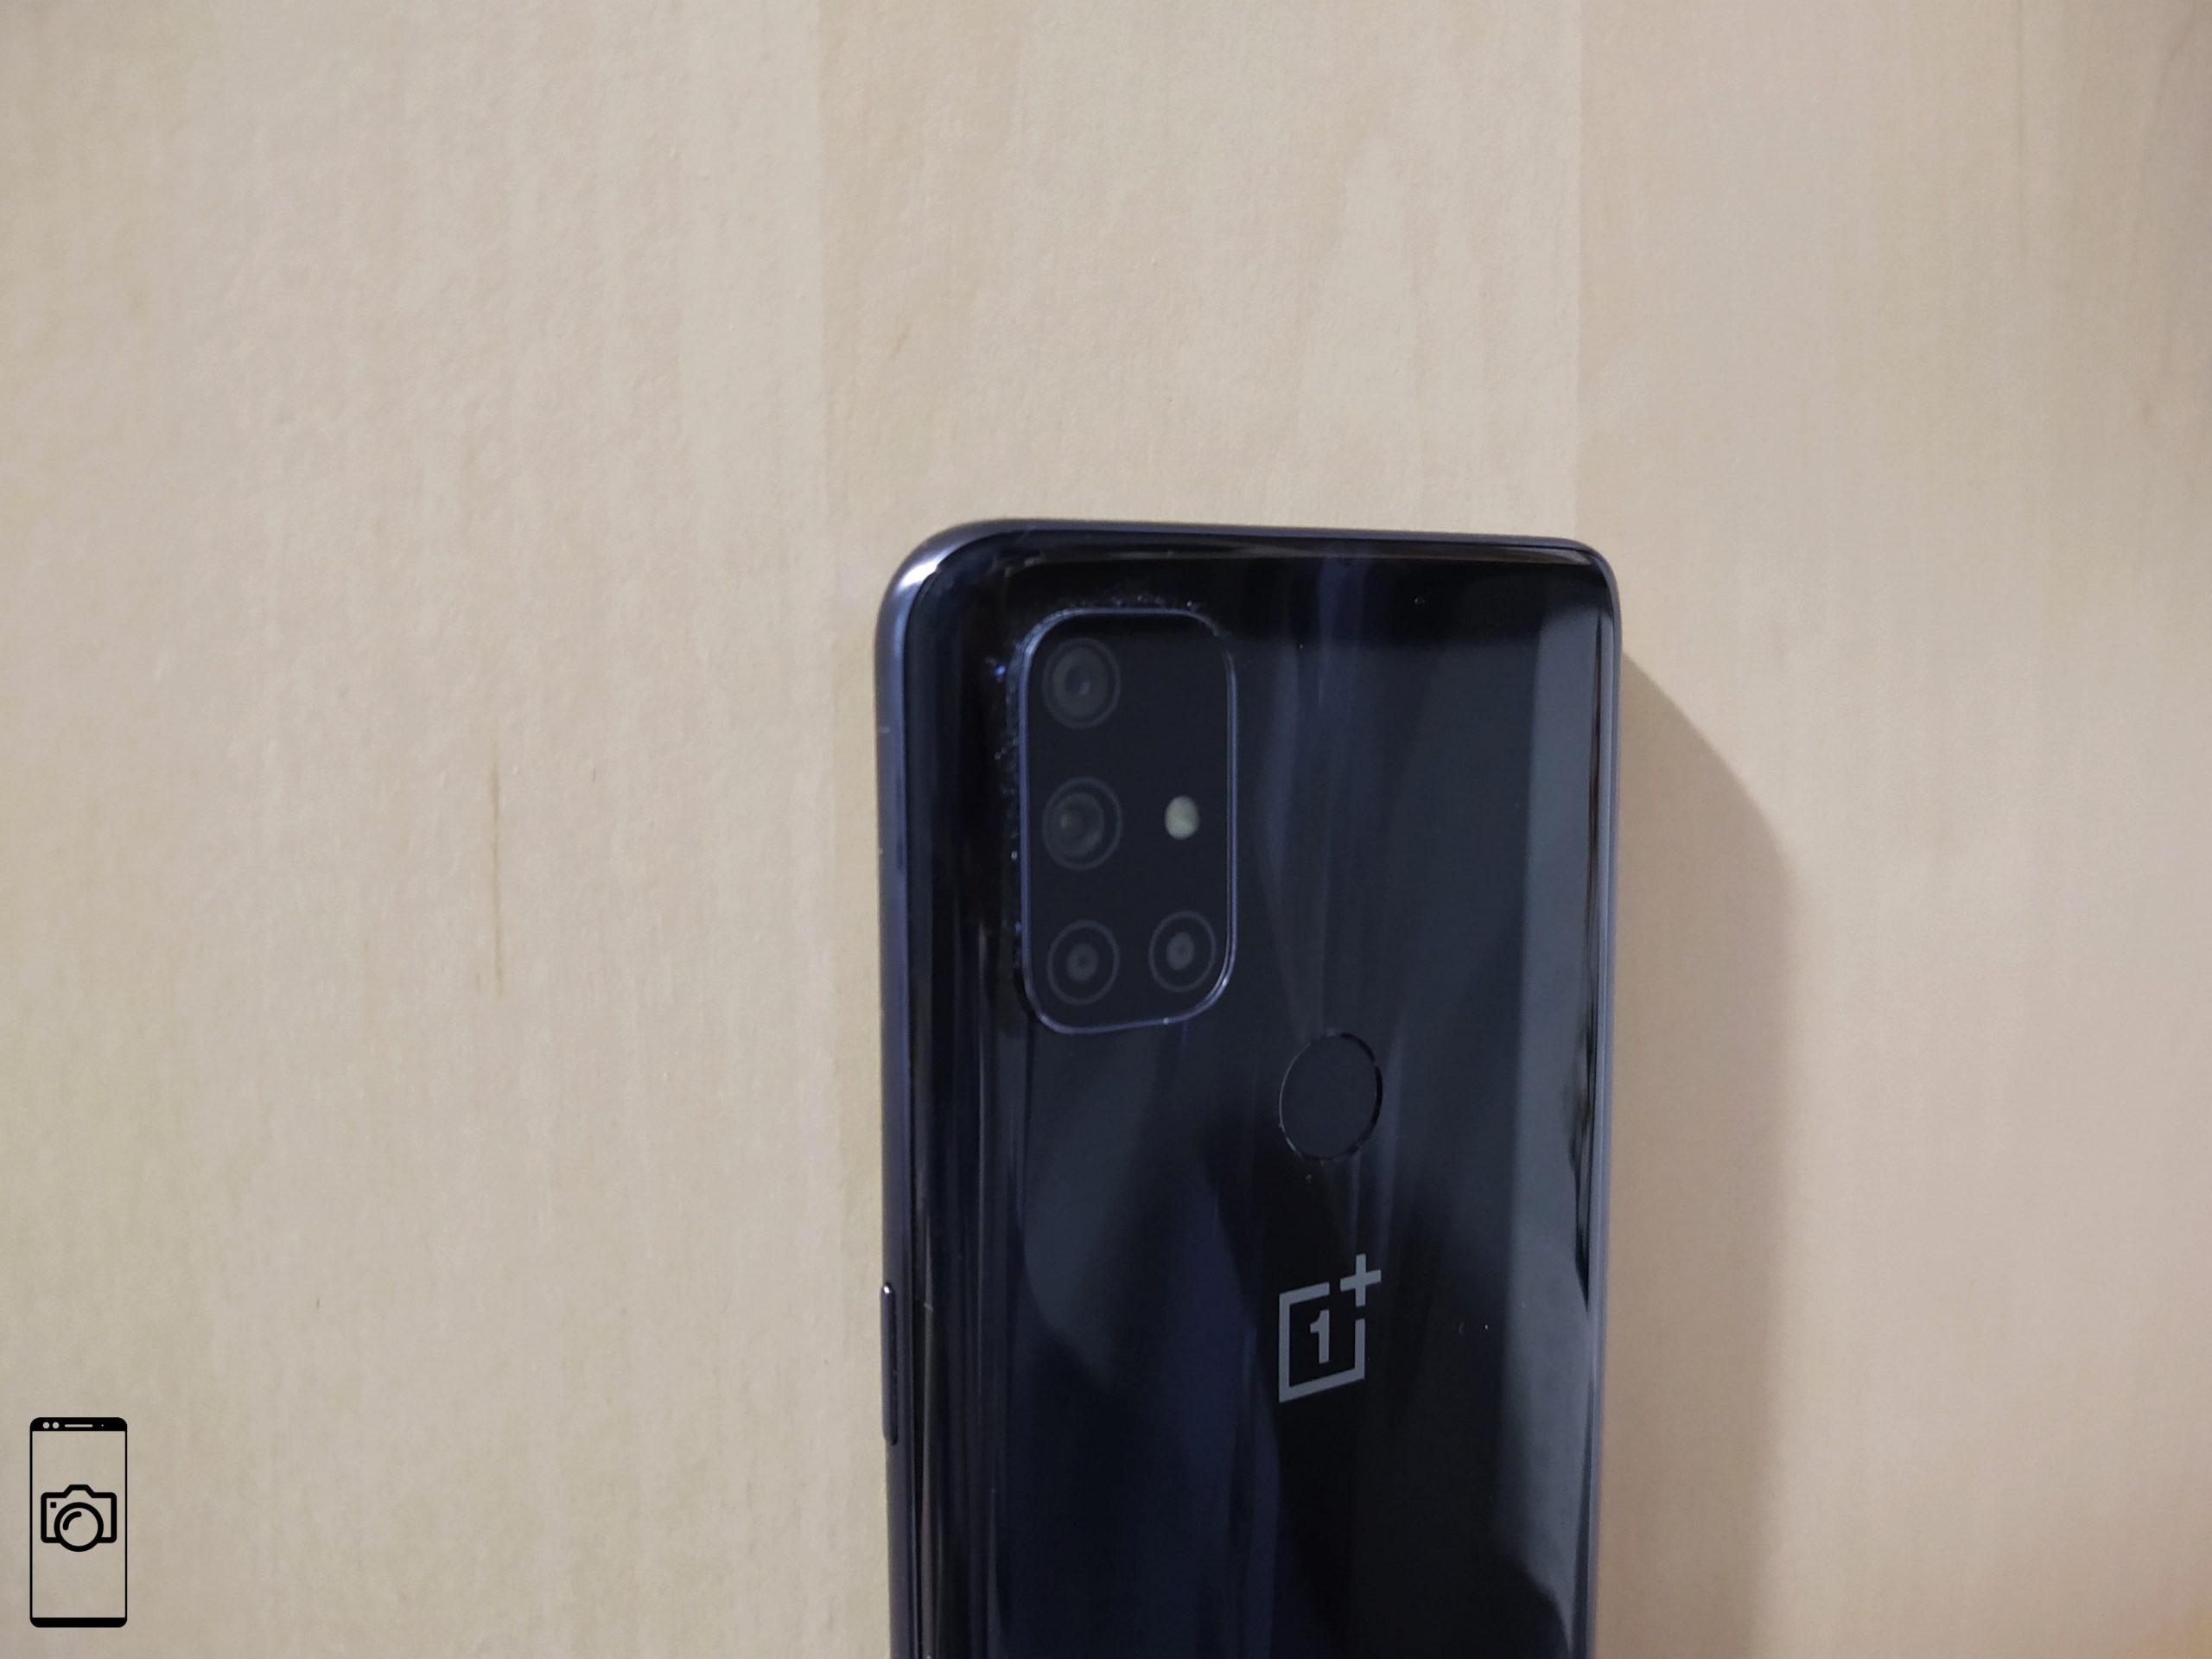 OnePlus N10